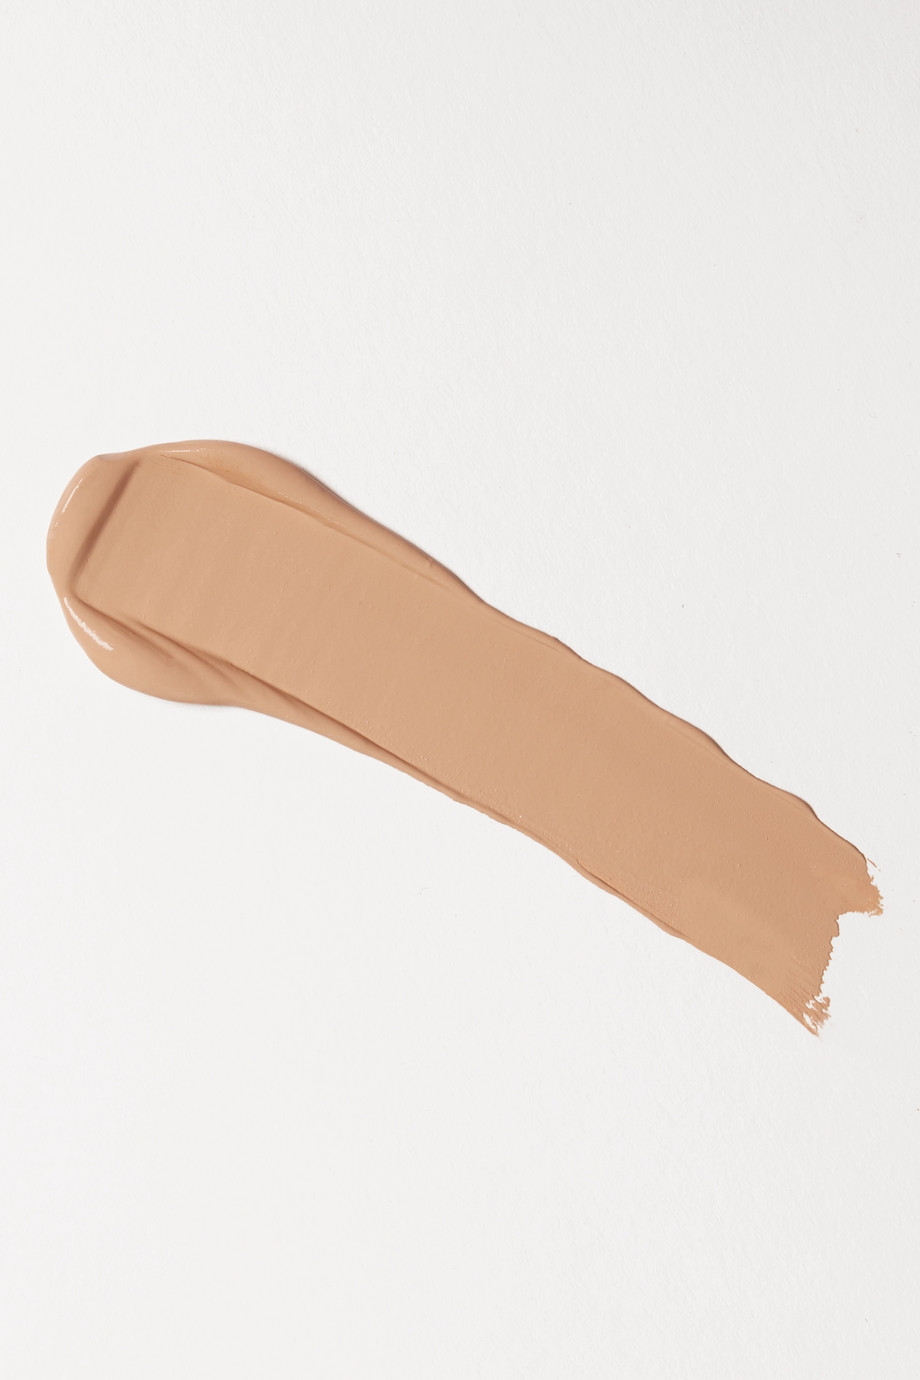 NARS Radiant Creamy Concealer - Cafè Au Lait, 6ml